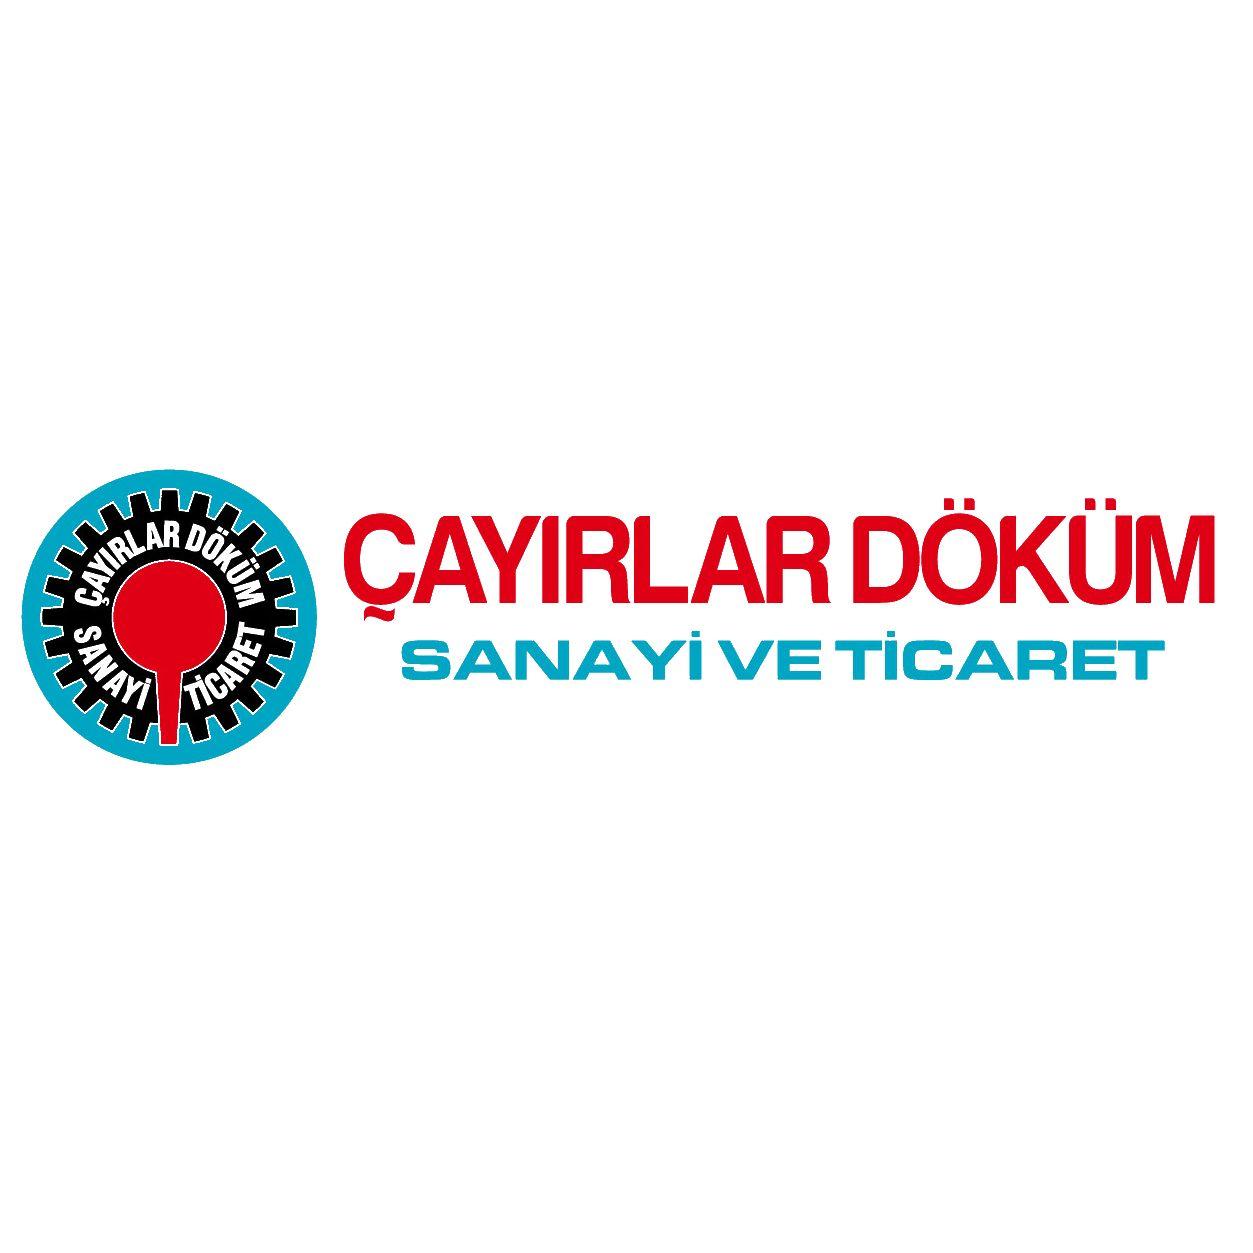 Çayırlar Döküm Mak. Otom. Tarım Hayv. Elektrik Mobilya San. ve Tic. Ltd. Şti.